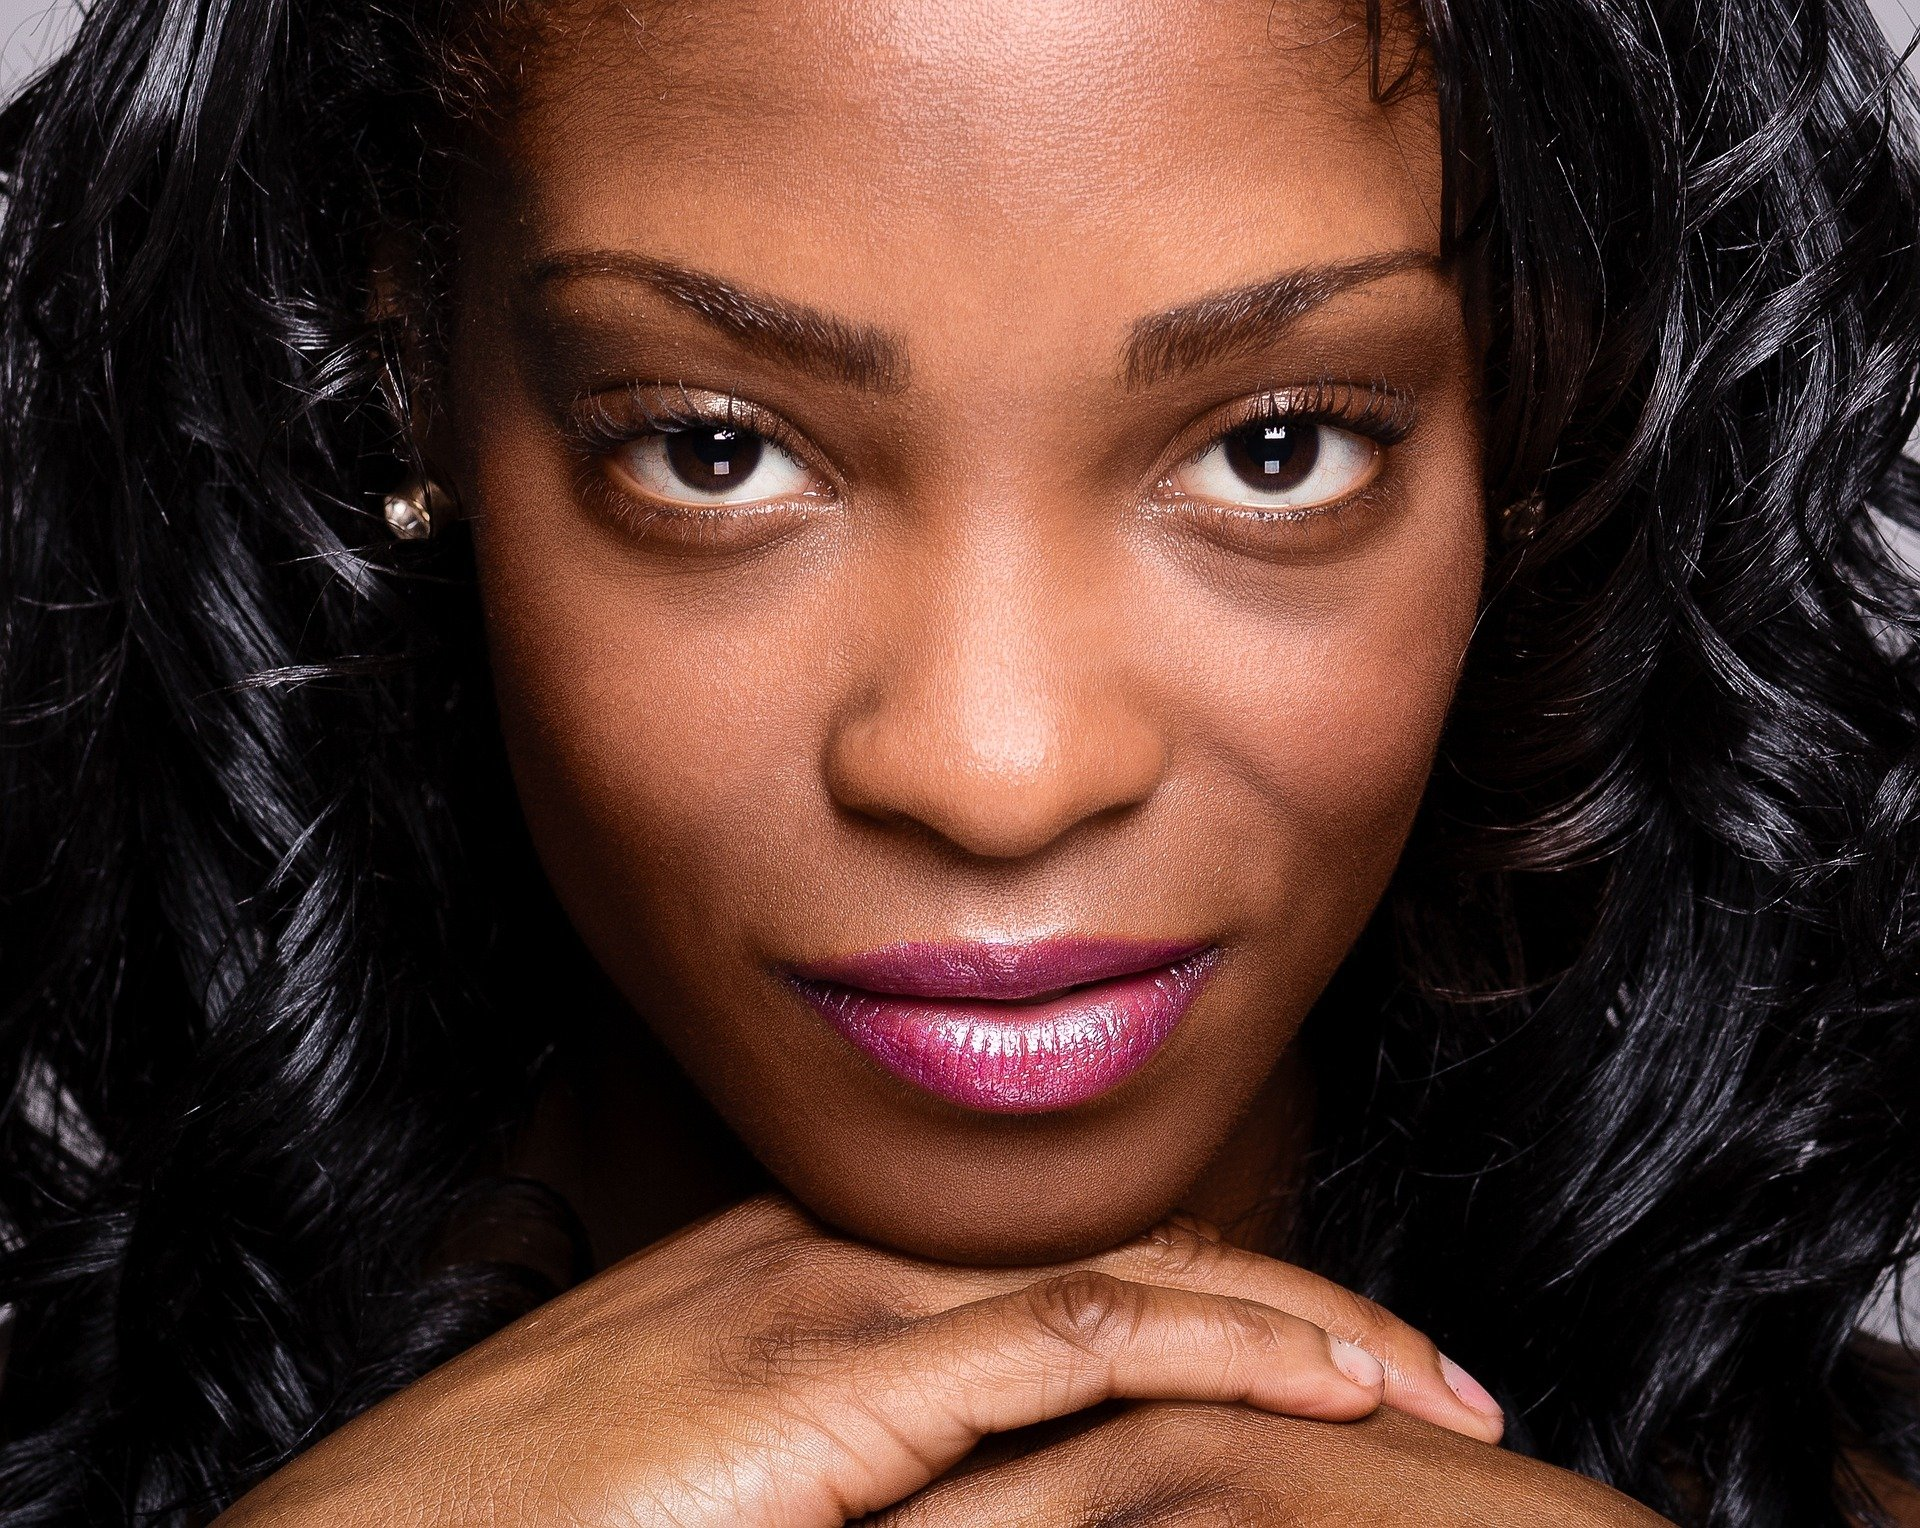 Soins de la peau noire - 5 conseils pour votre routine quotidienne 1